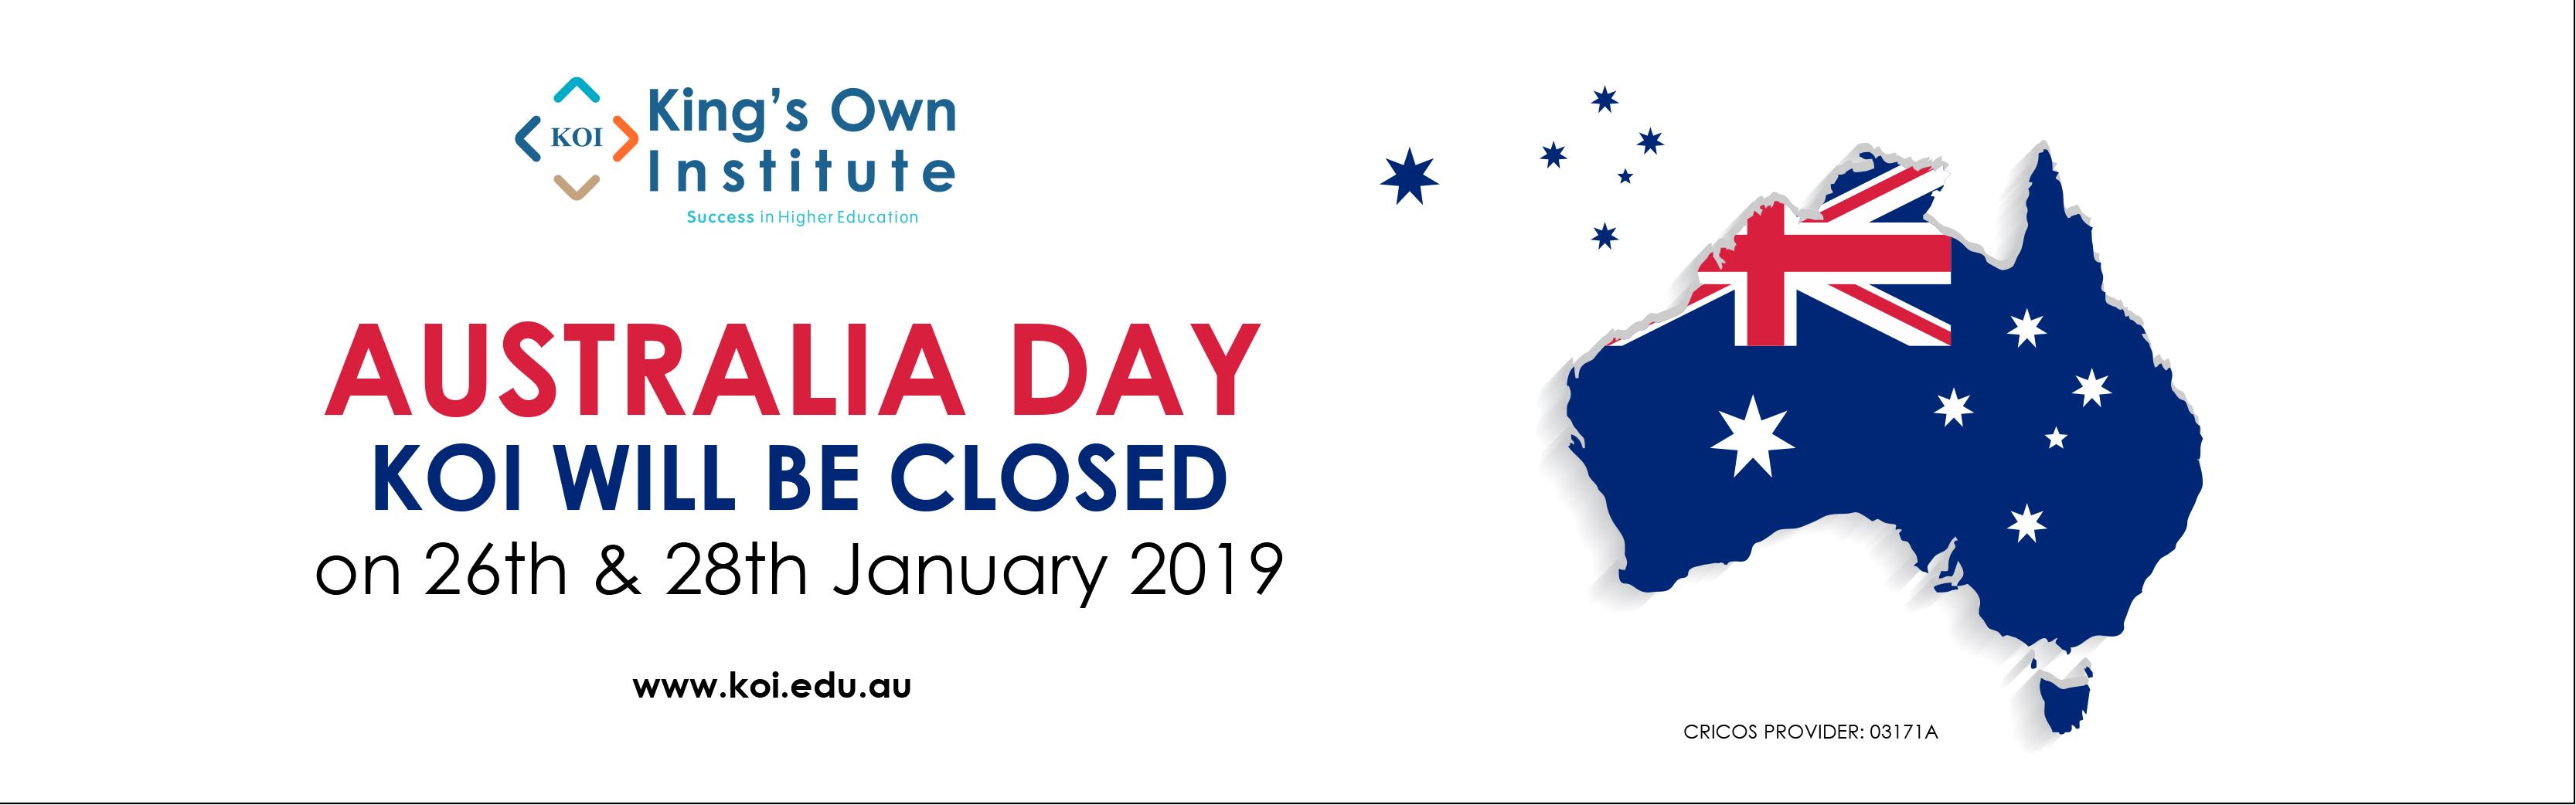 Australia-Day-1600x500